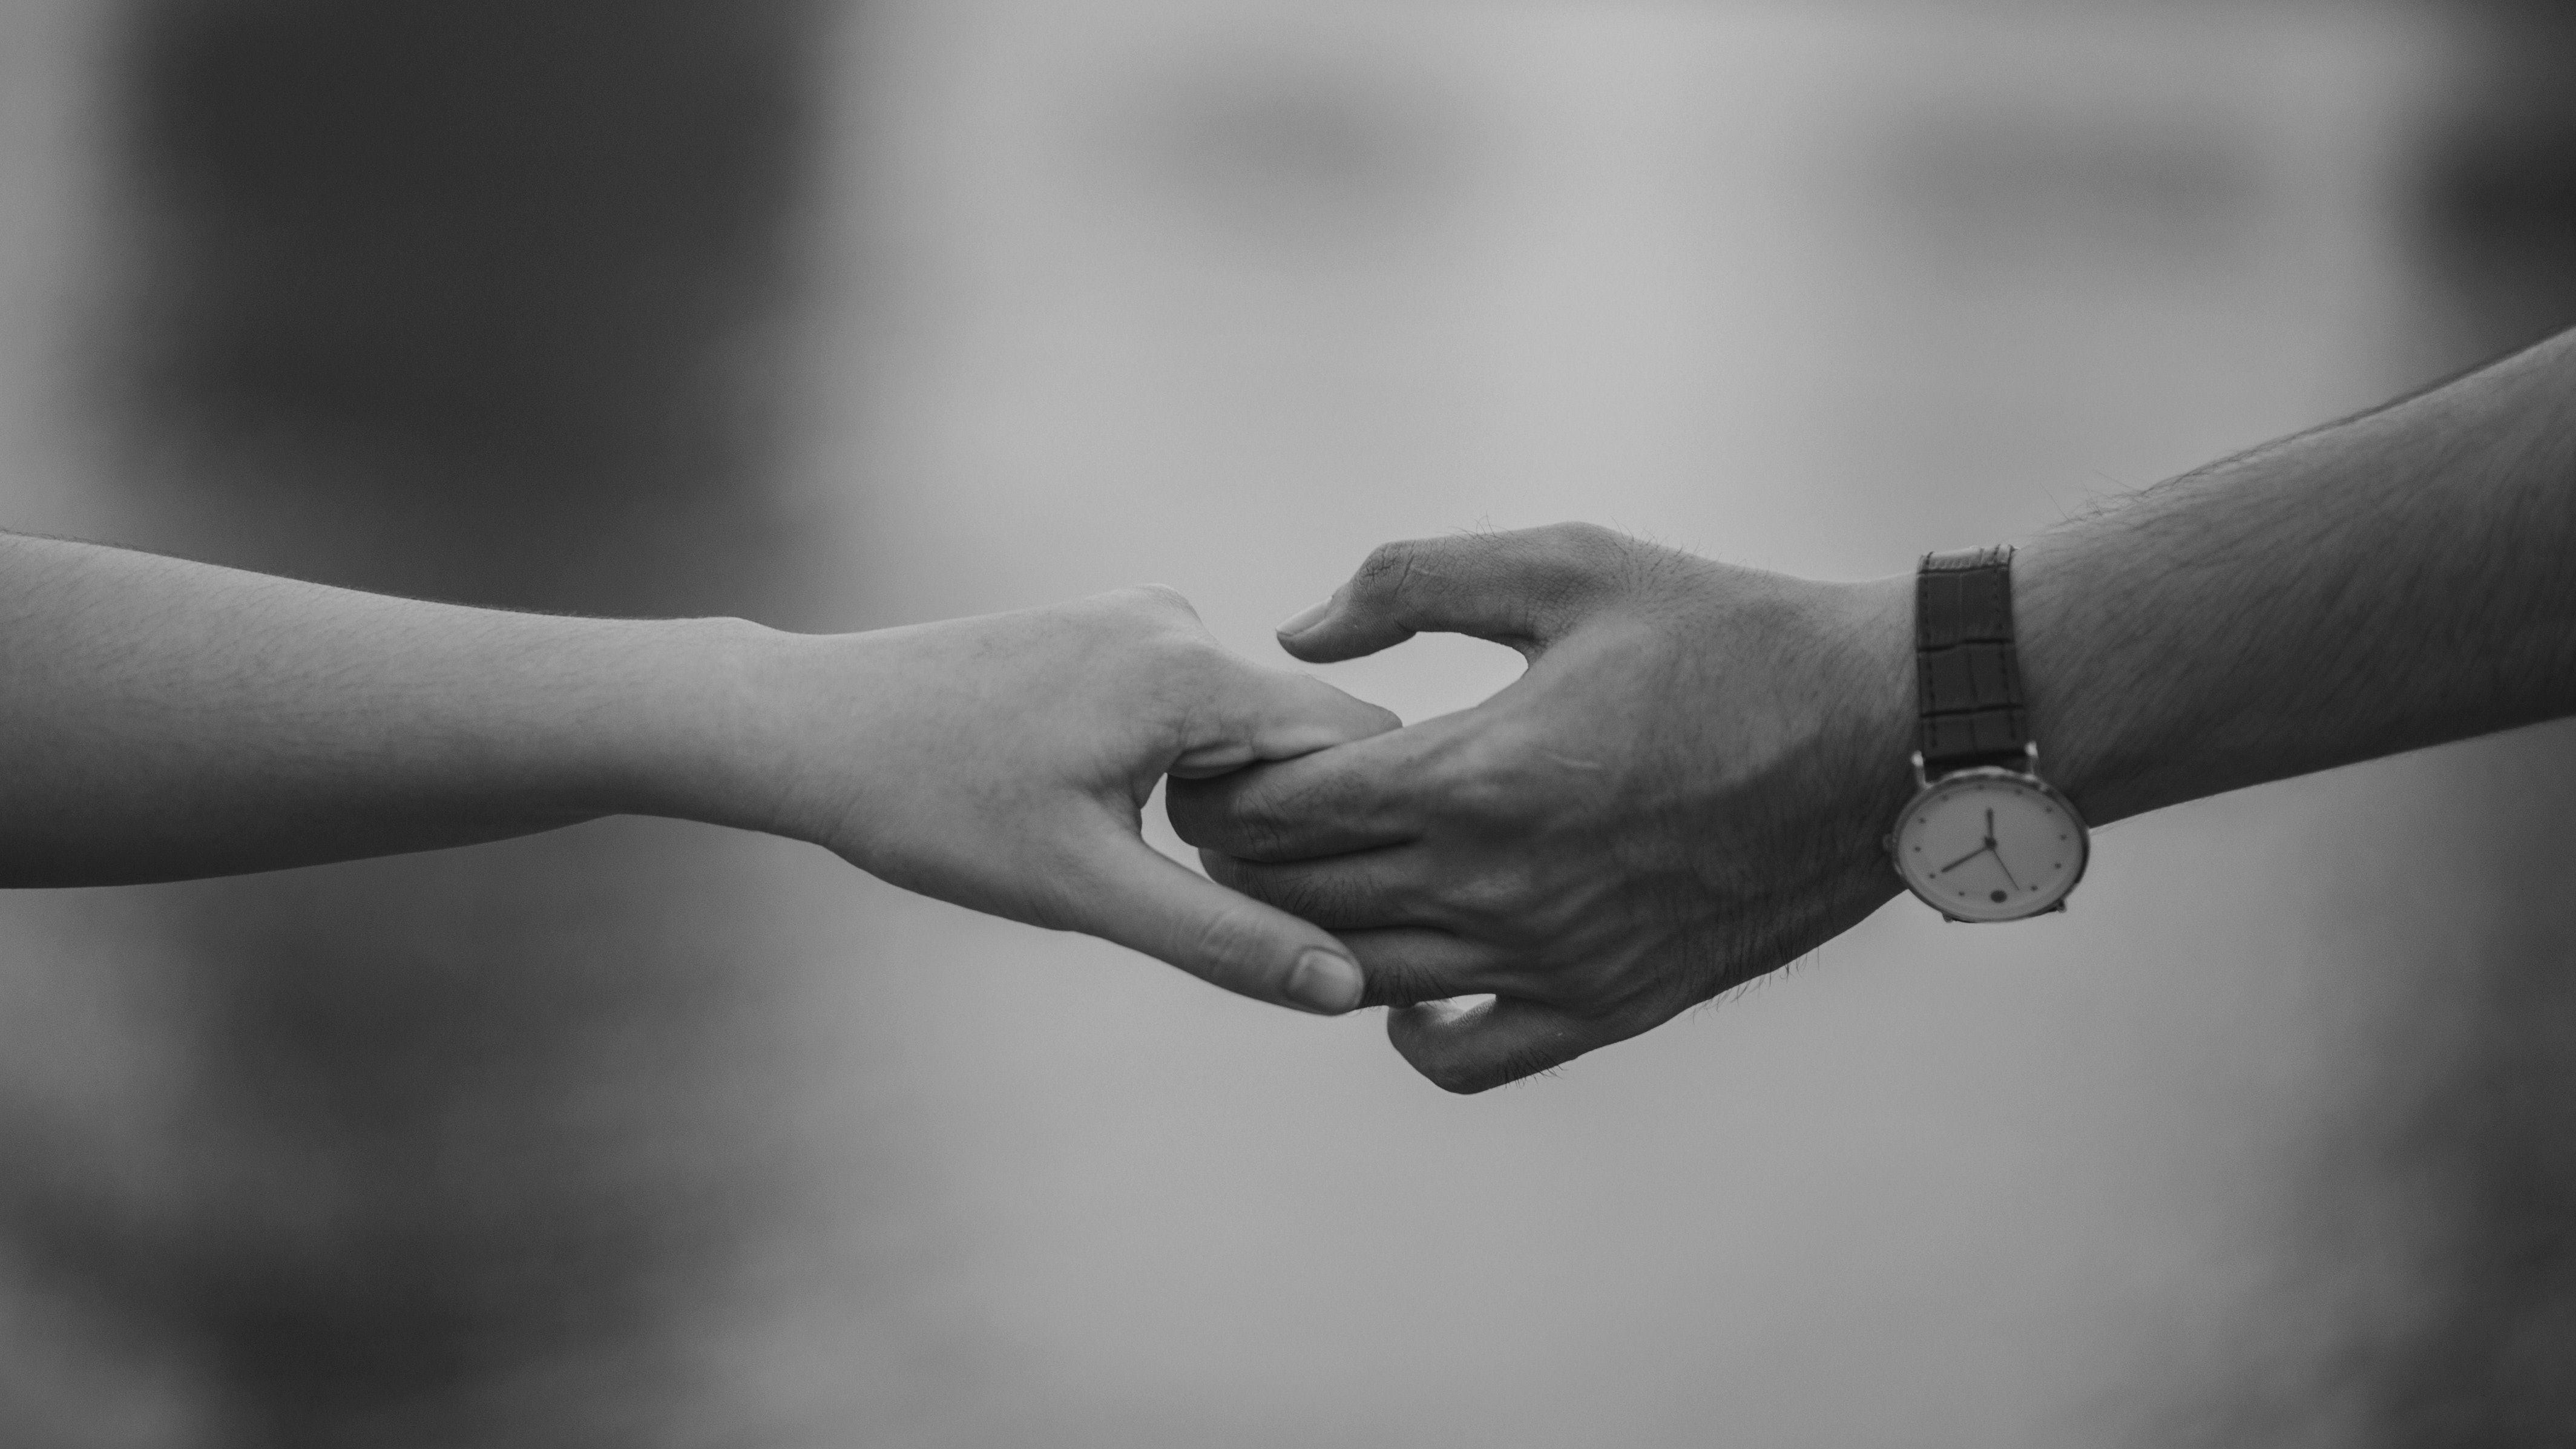 Meu Amor Eu Já Sou Outra E Sendo Outra Não Sou Mais Sua: Para Compartilhar No Facebook